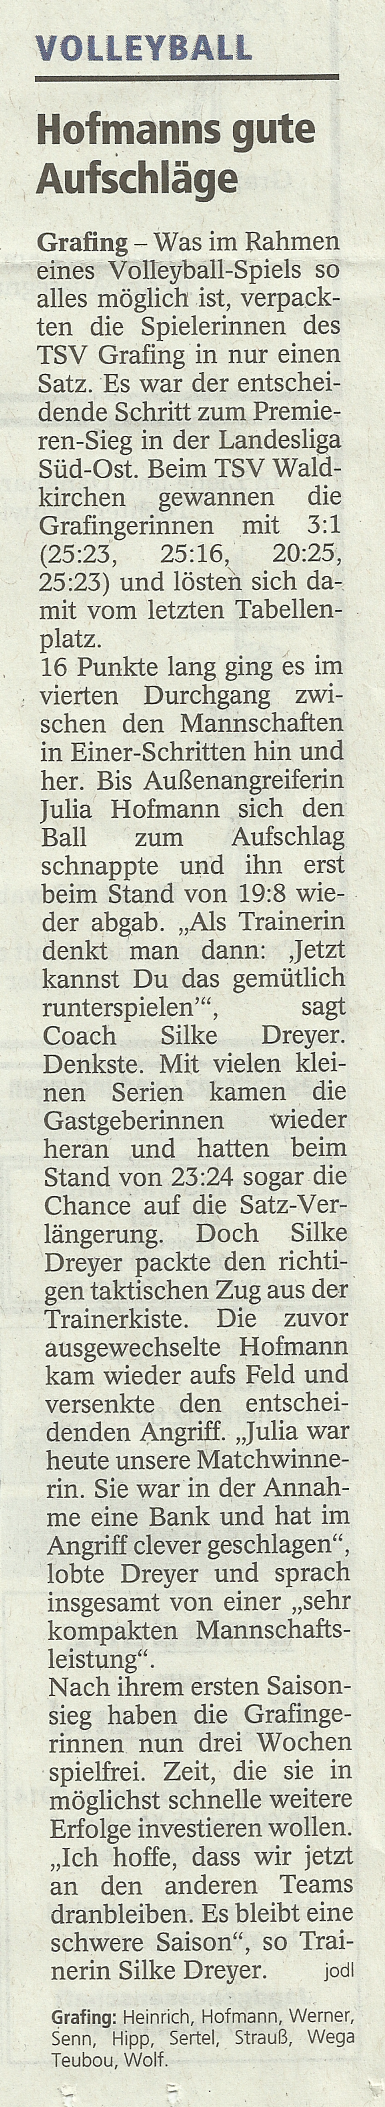 HofmannsAufschlag